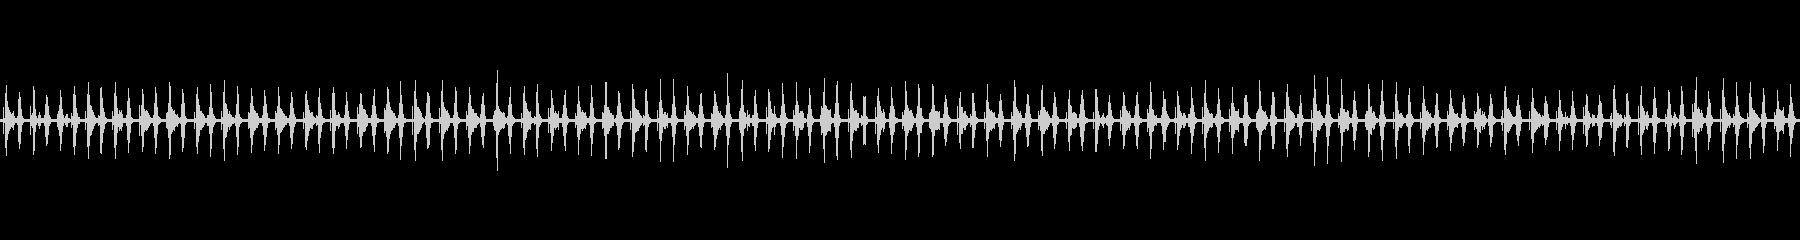 時間の経過-クロック刻みの未再生の波形